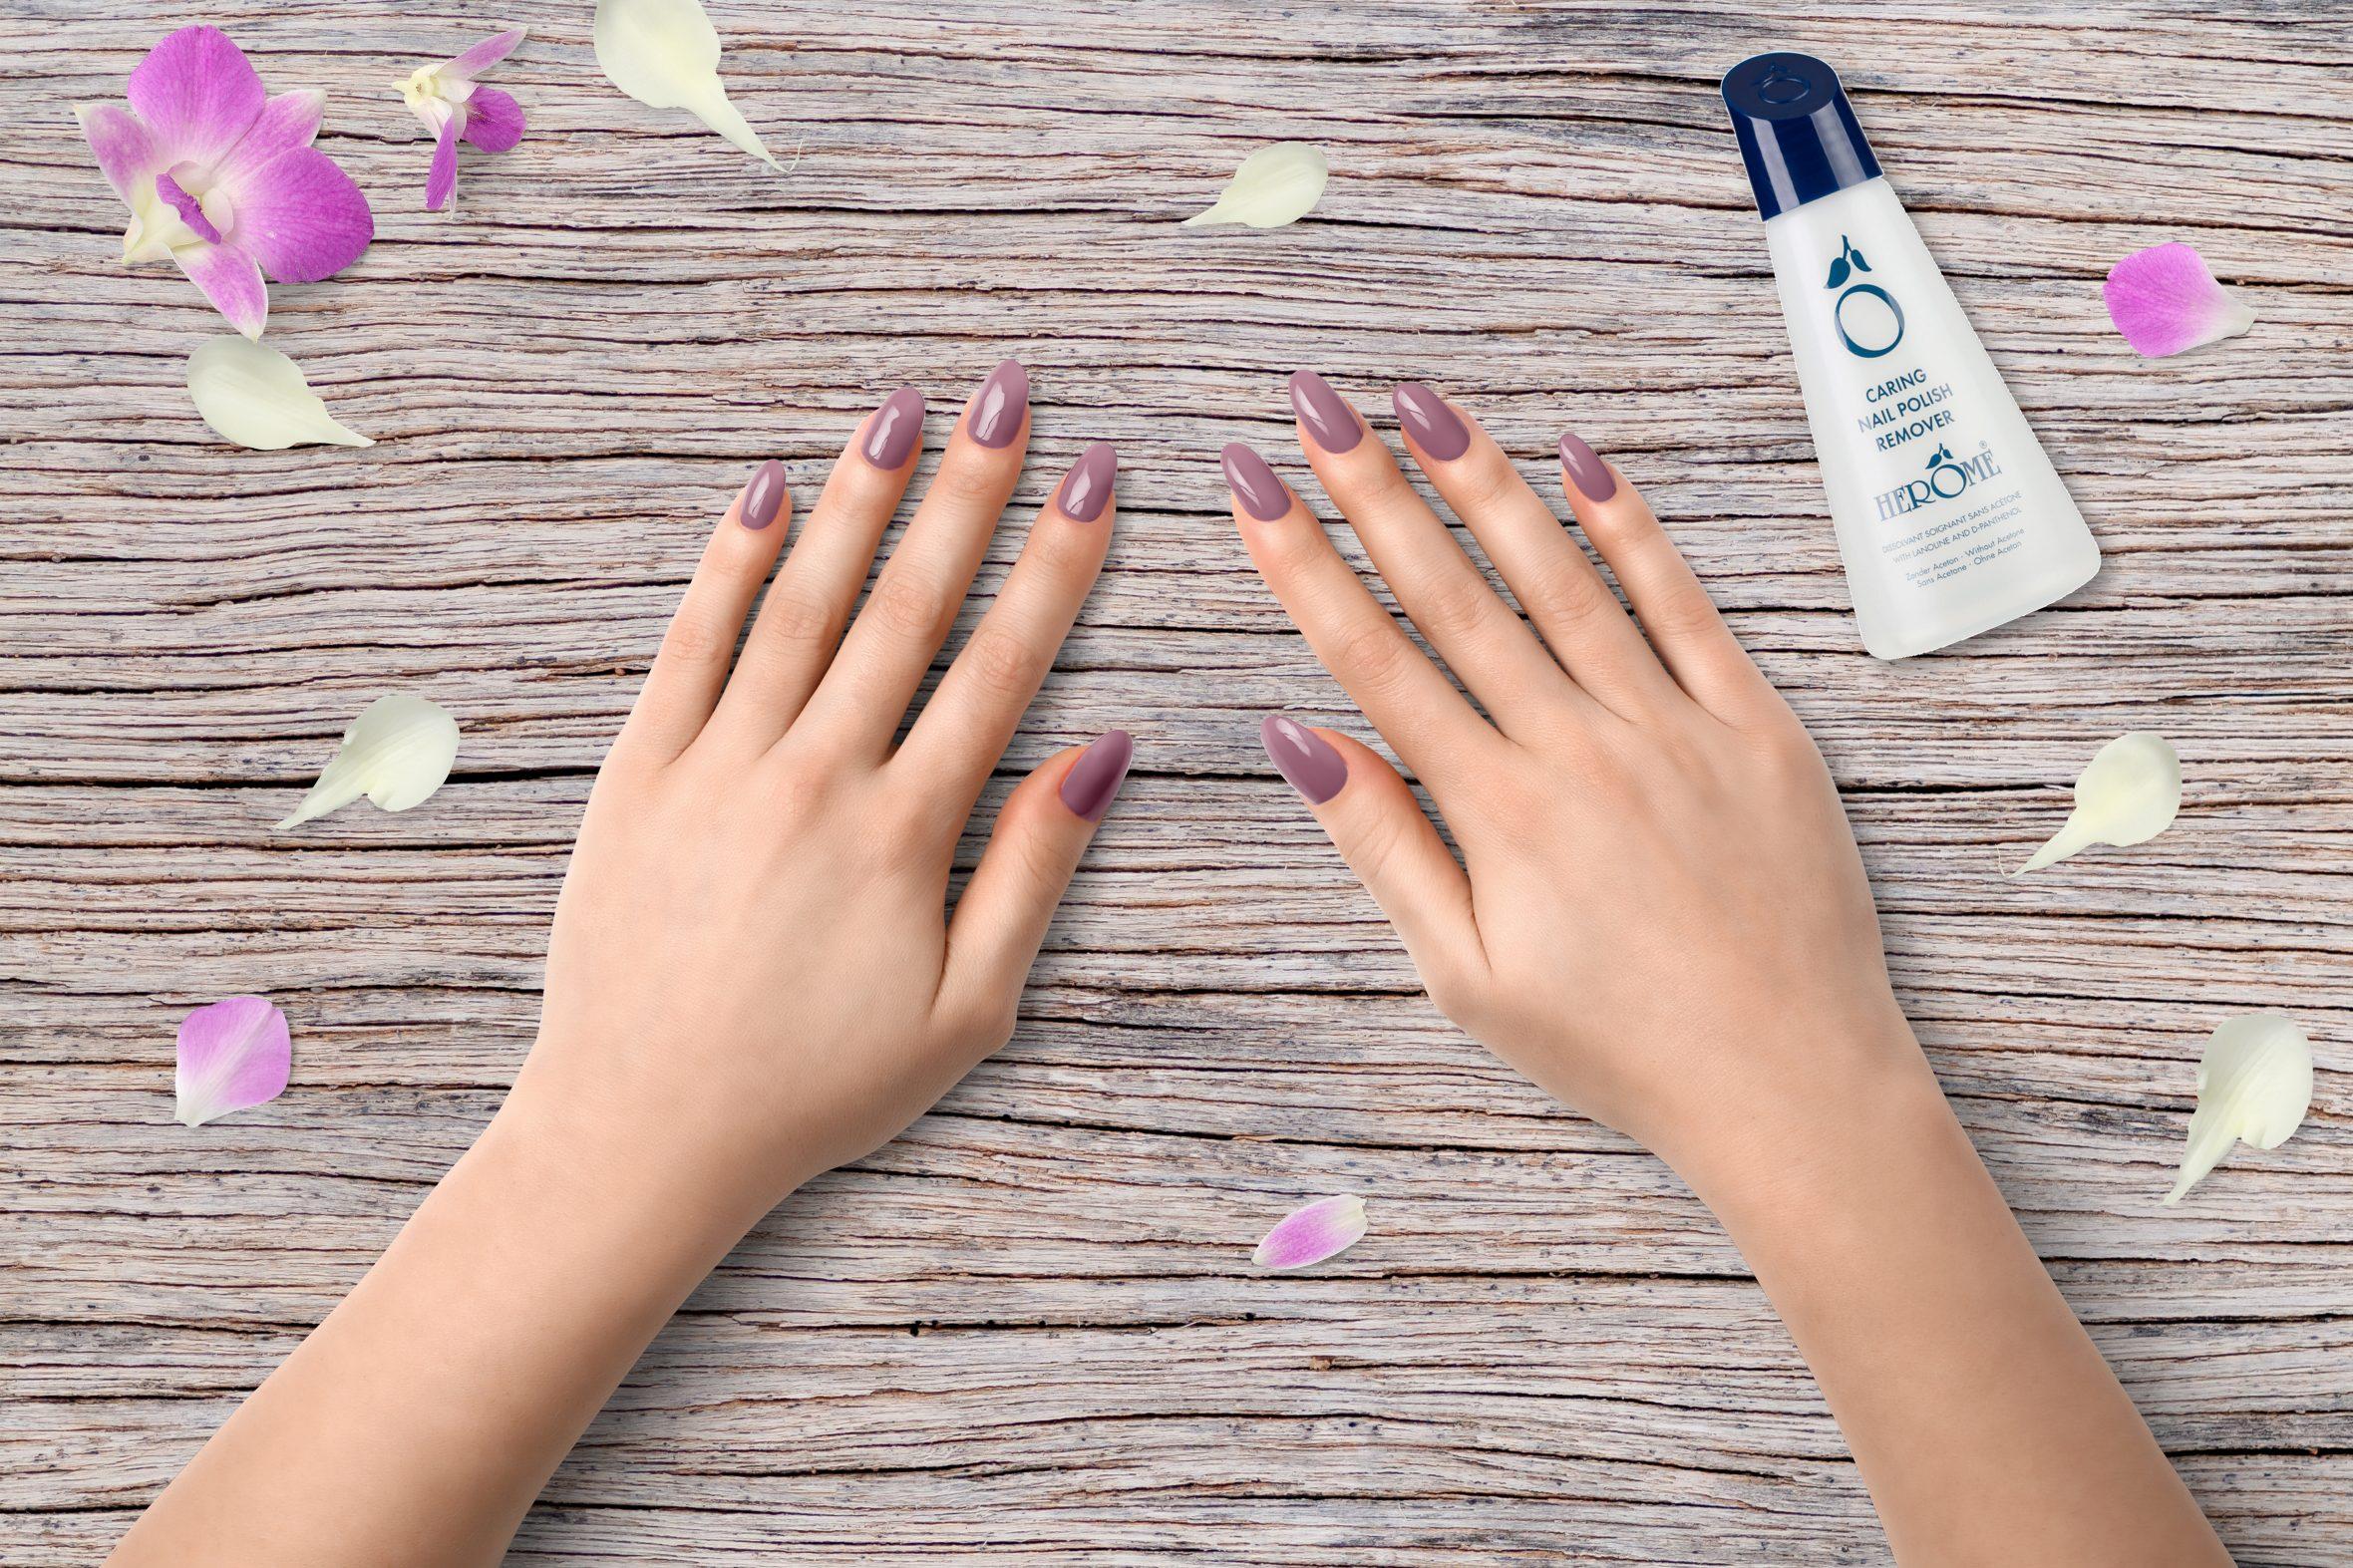 Oud roze nagellak van Herôme voor het nagels lakken